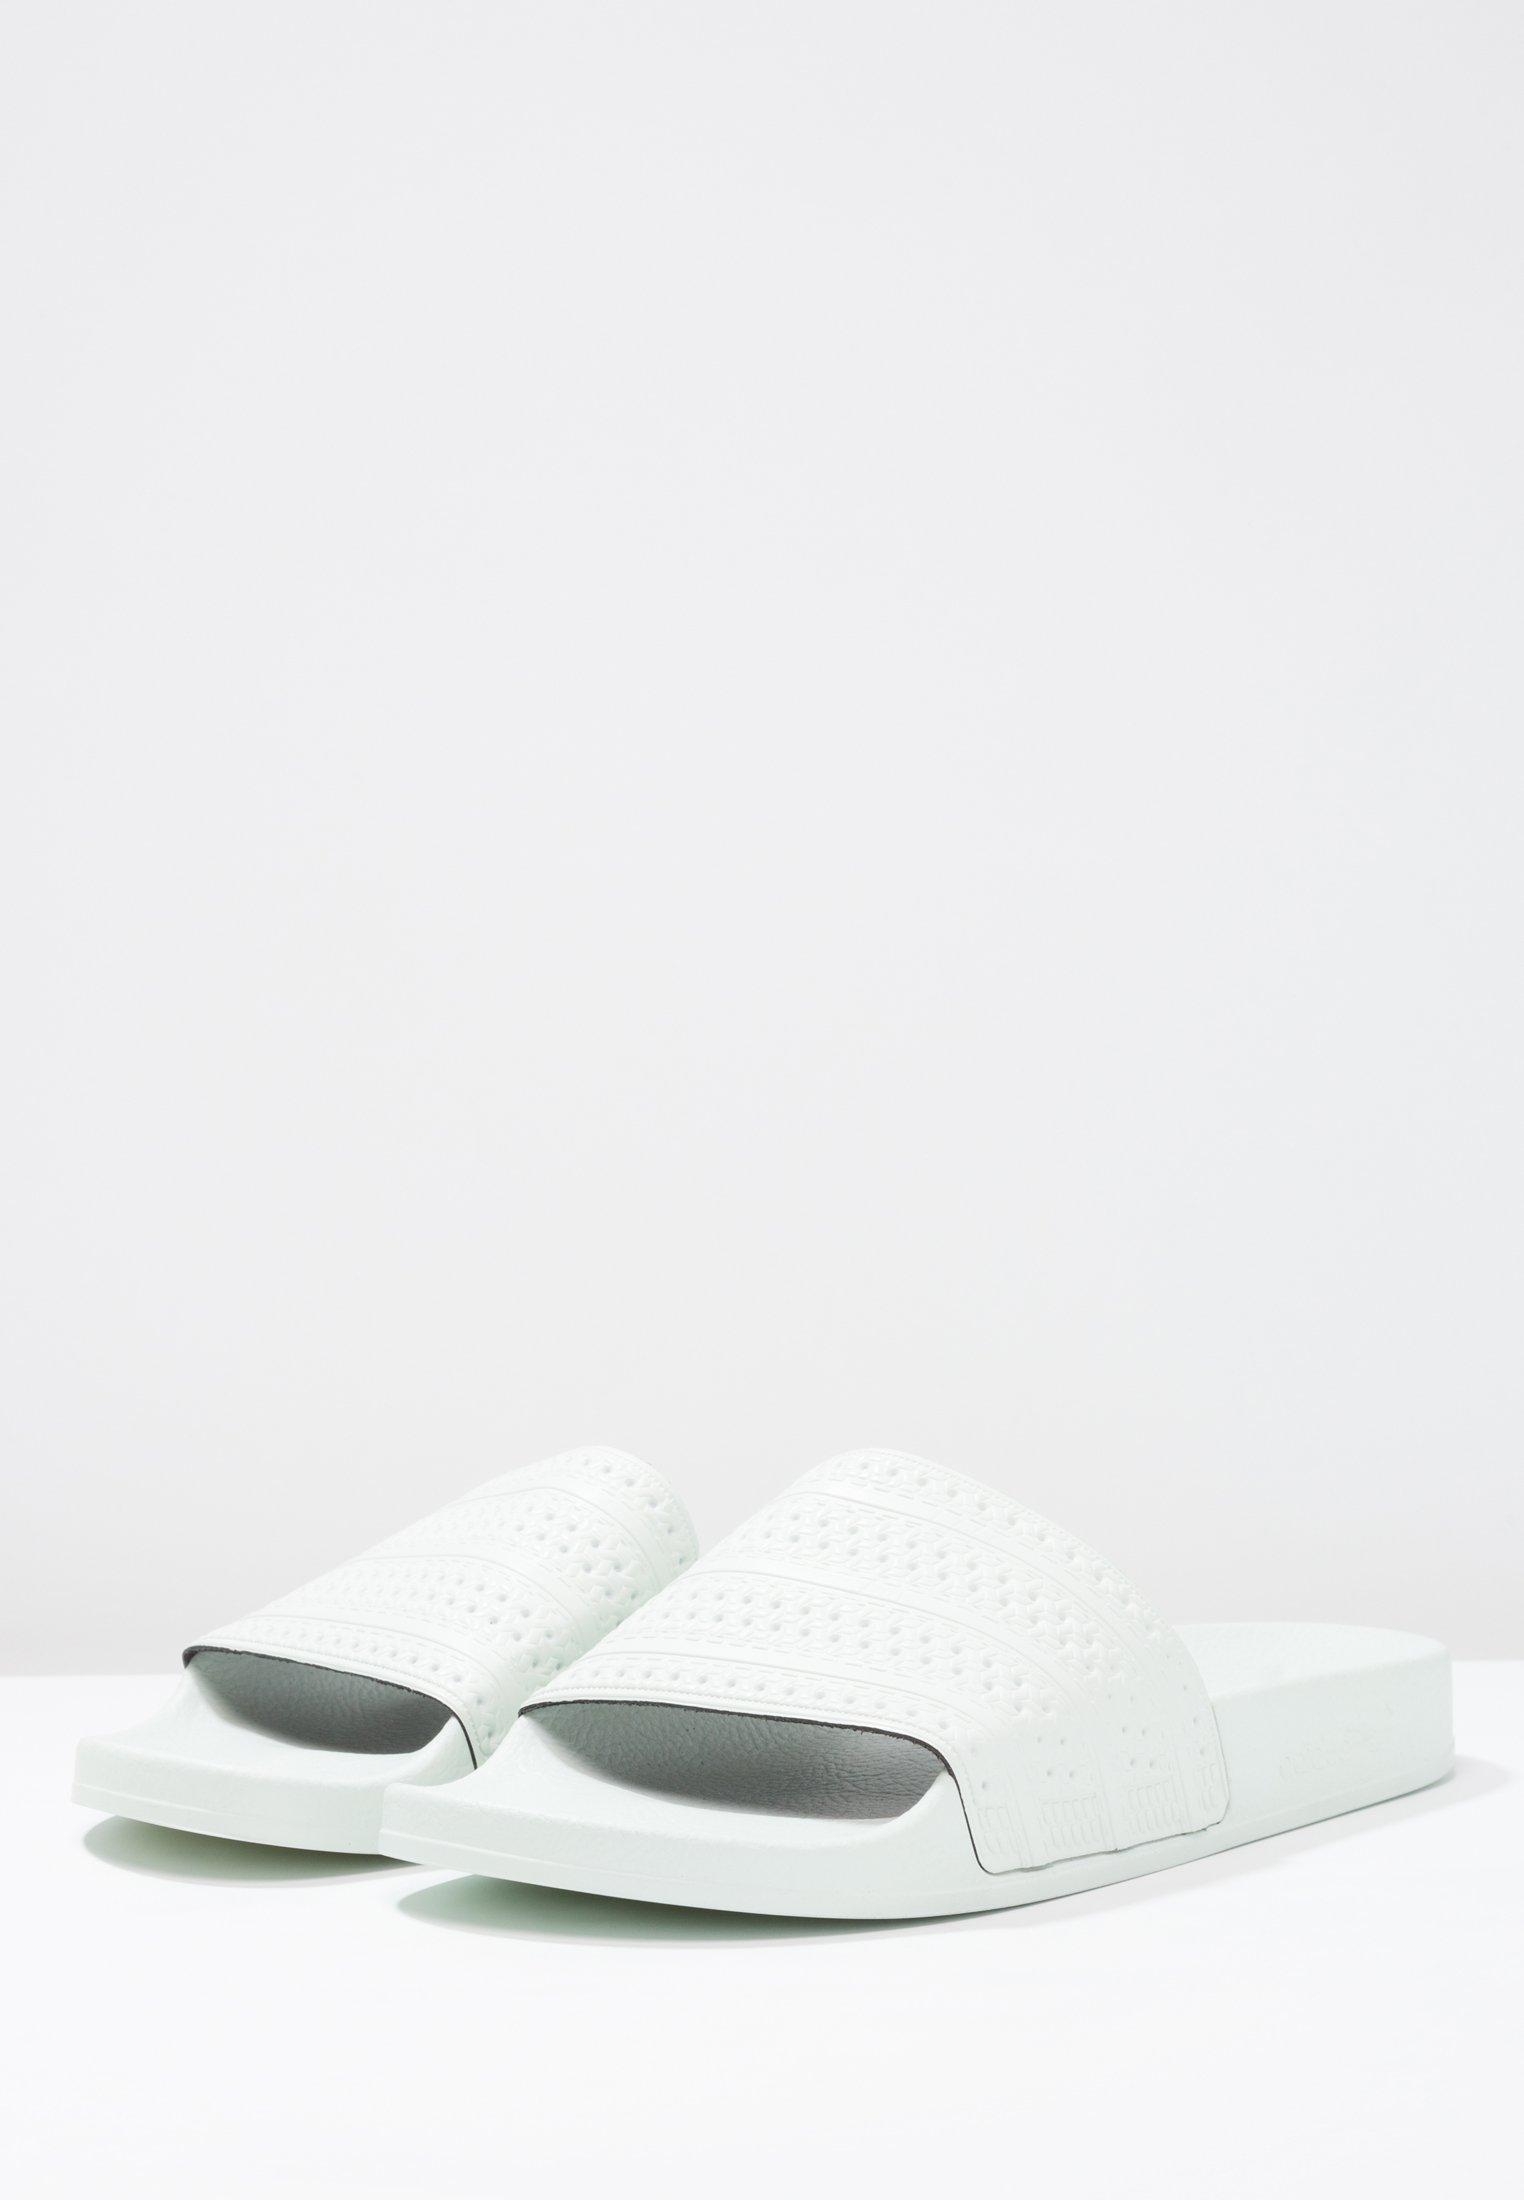 AdiletteSandales Linen Green Bain Adidas Originals De txhrsQdC